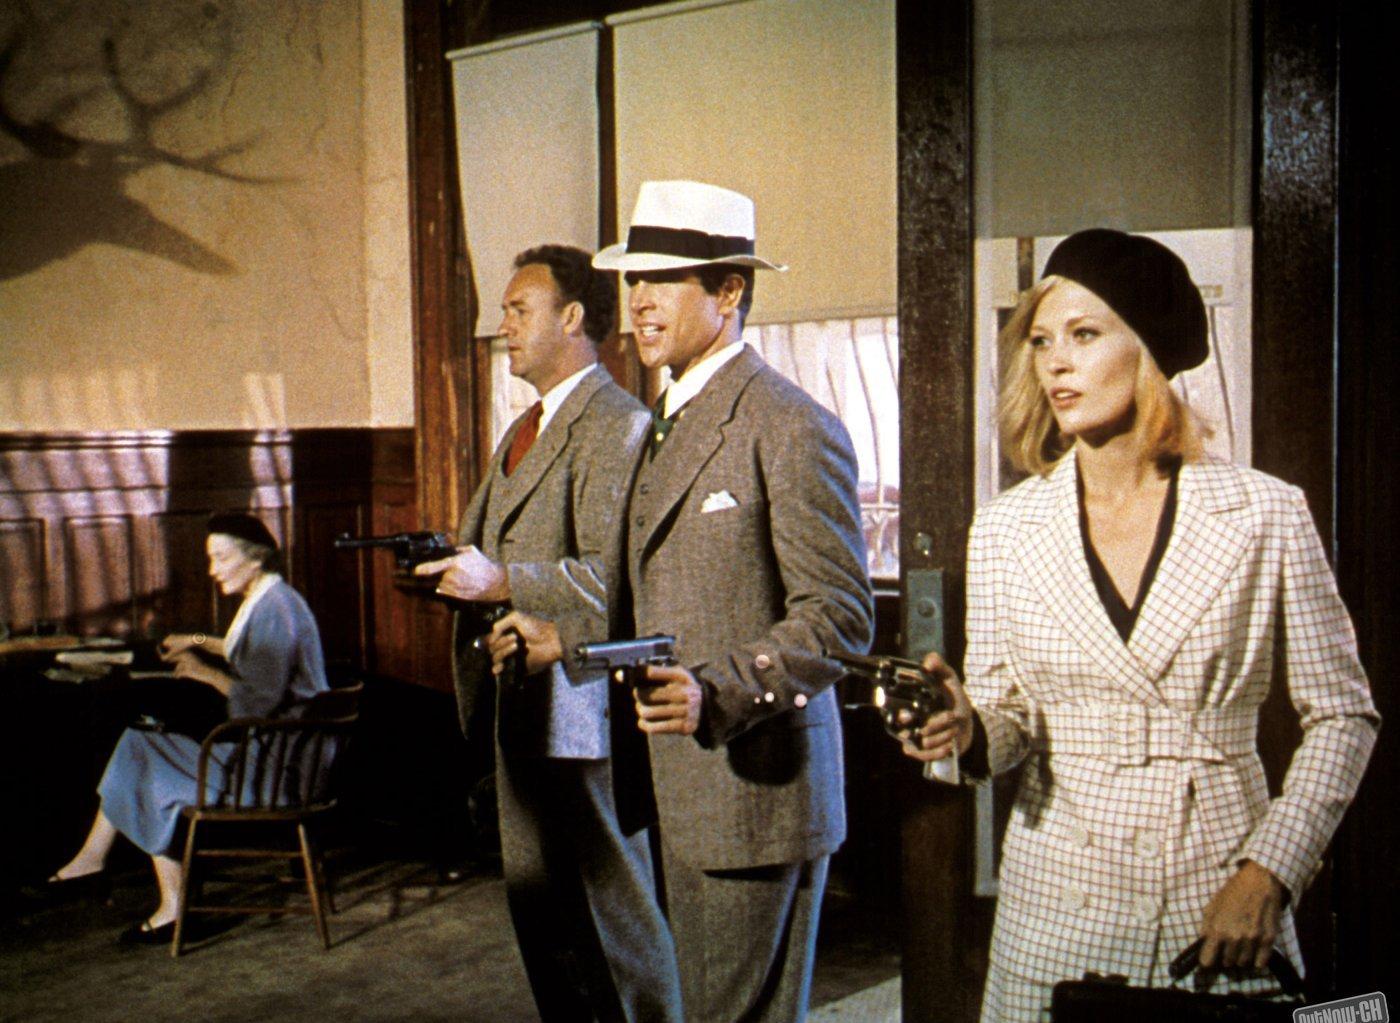 Gene Hackman, Warren Beatty, Faye Dunaway